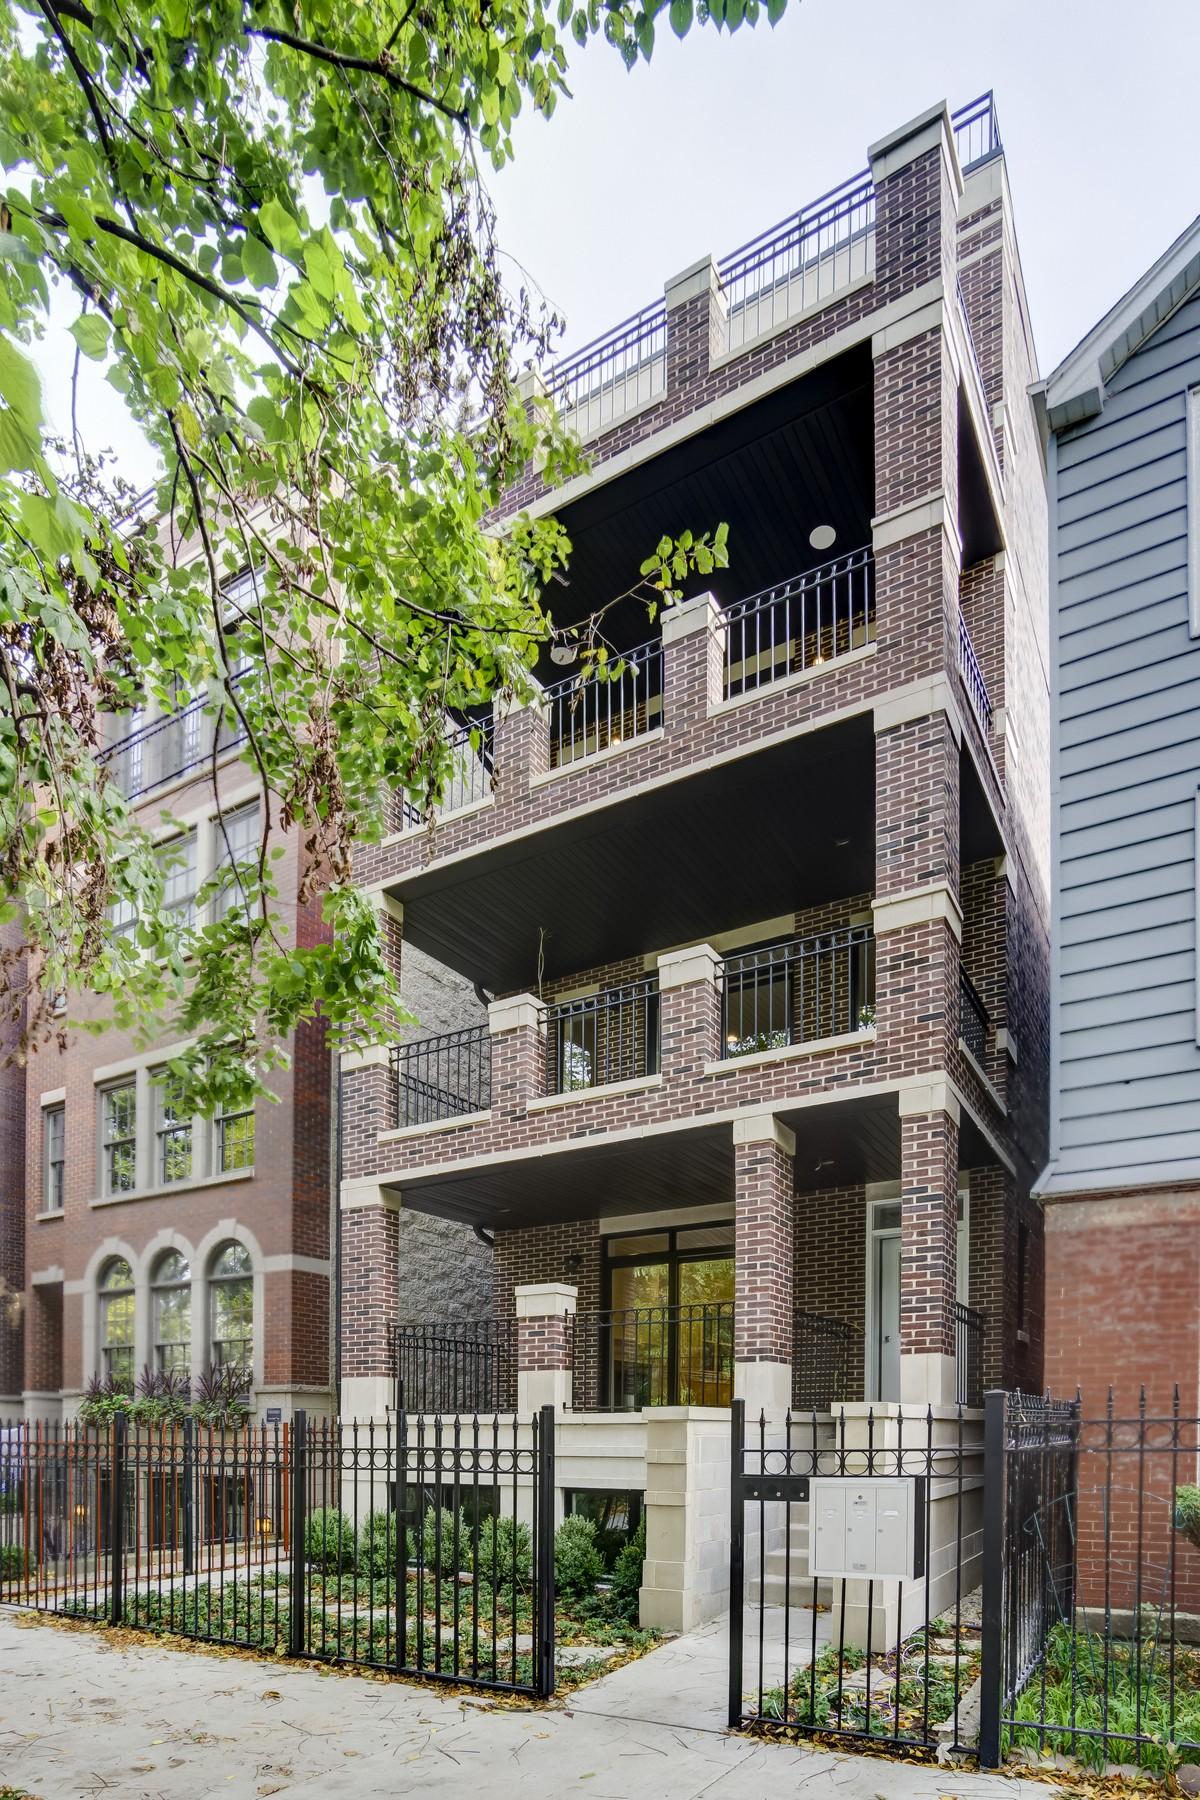 дуплекс для того Продажа на Expansive Duplex Condominium 1519 N Cleveland Avenue Unit 1 Near North Side, Chicago, Иллинойс, 60610 Соединенные Штаты